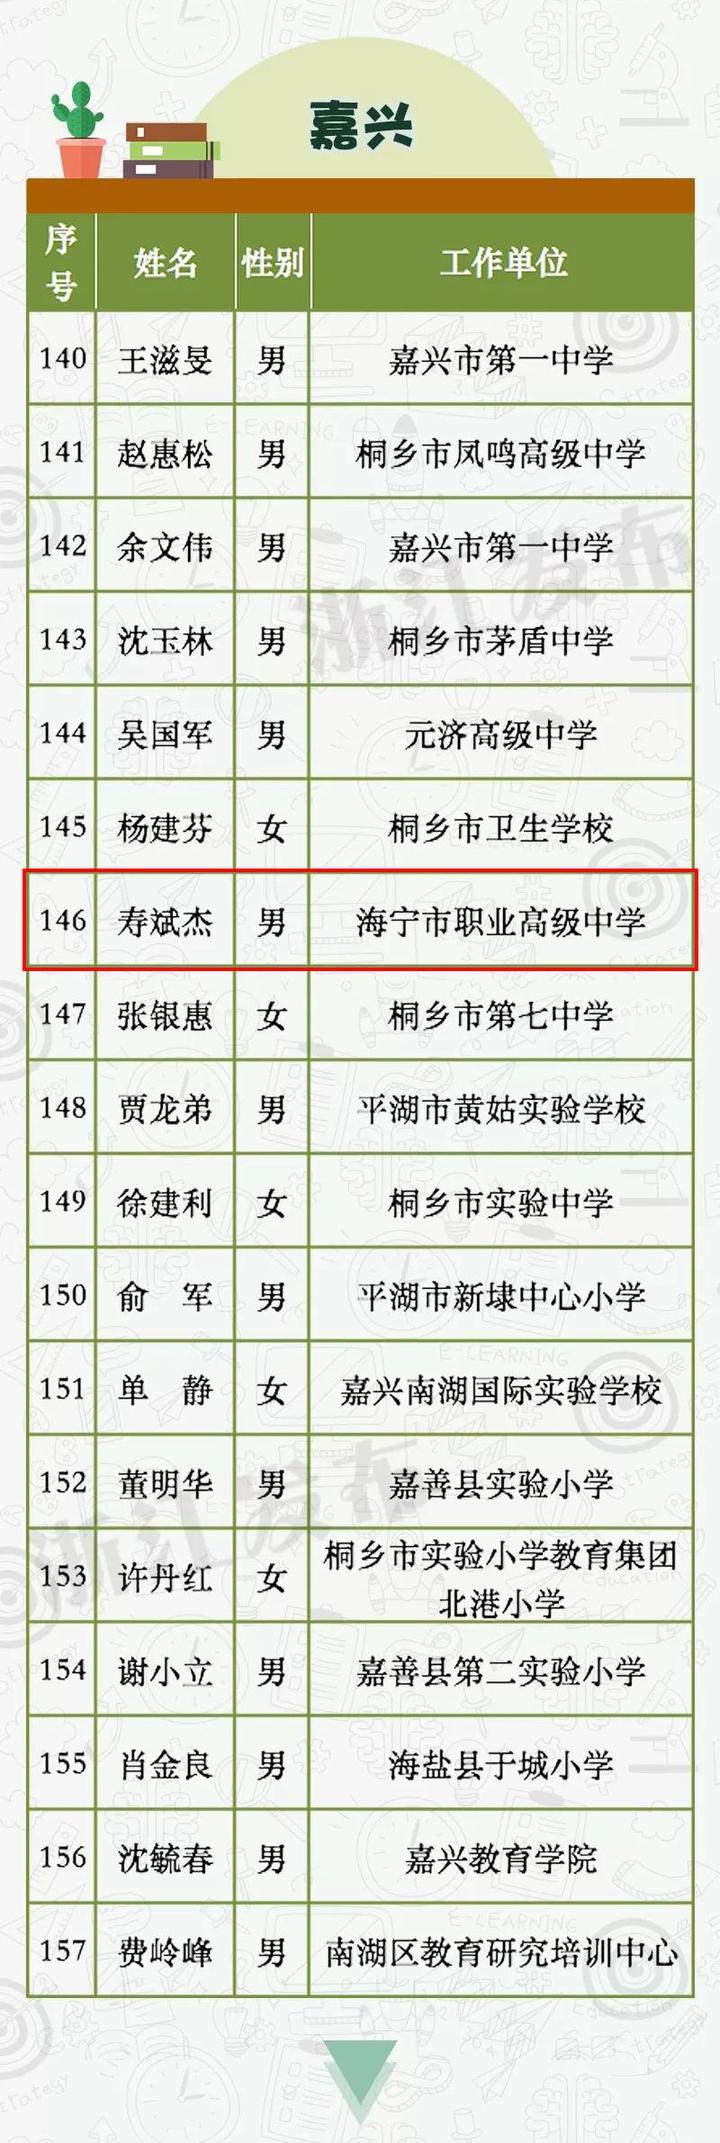 海宁一人入选!第十二批浙江省特级教师人选公示!你认识他吗?